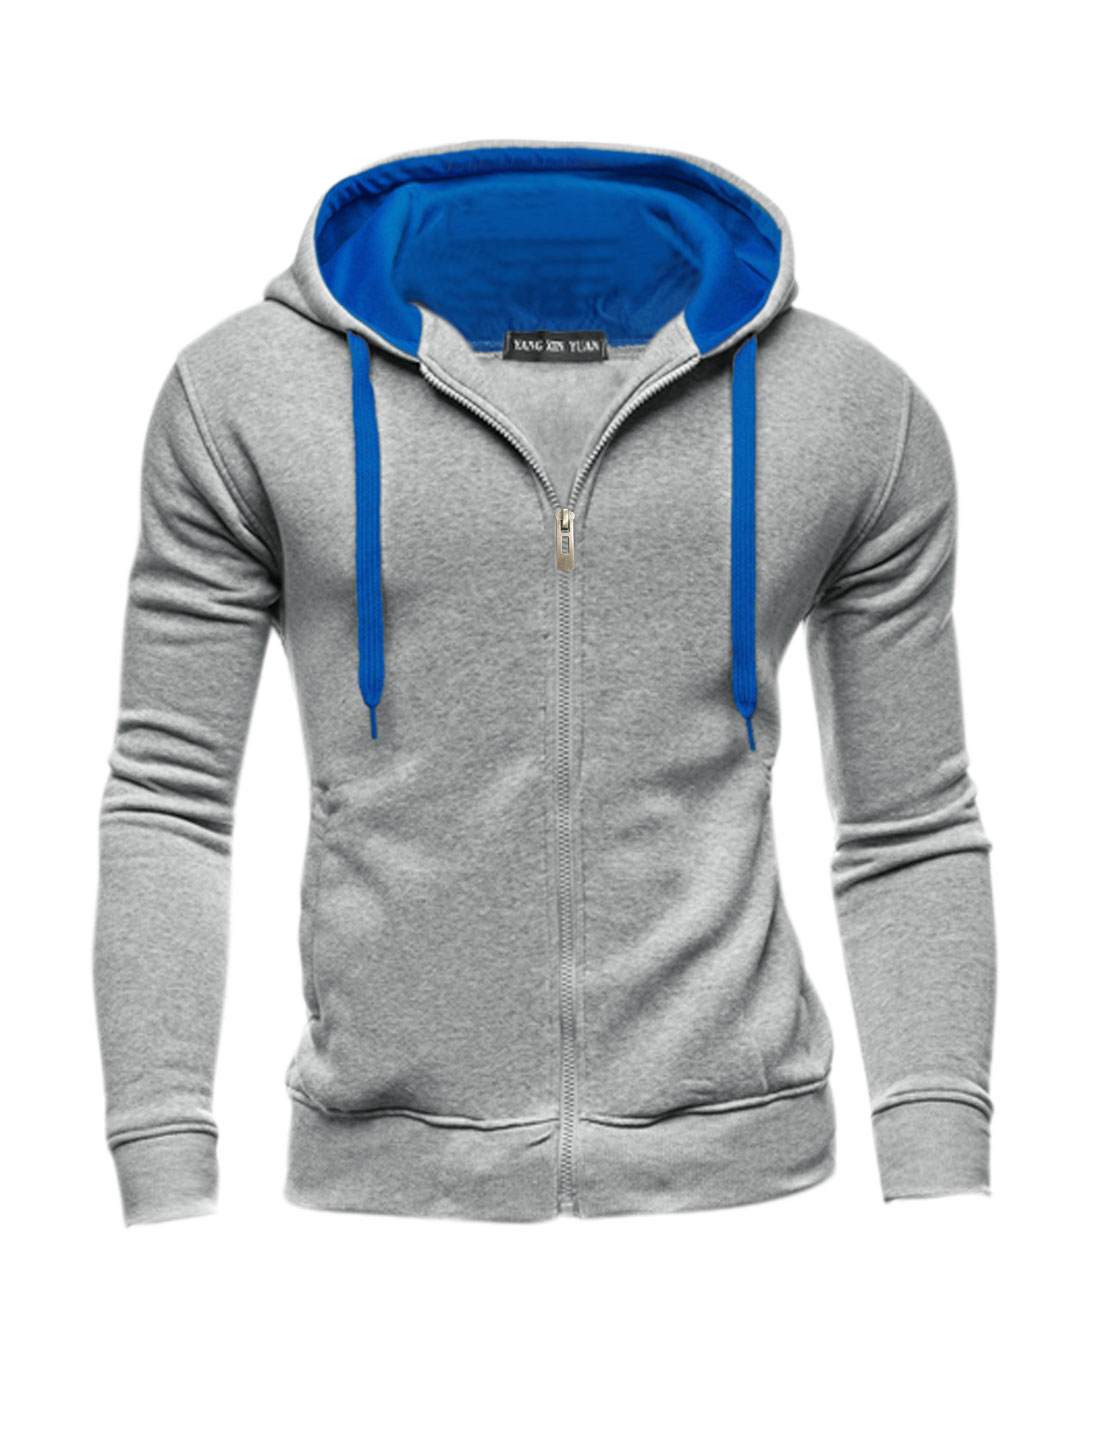 Men Slim Fit Contrast Color Zip Up Long Sleeves Hoodie Light Gray M